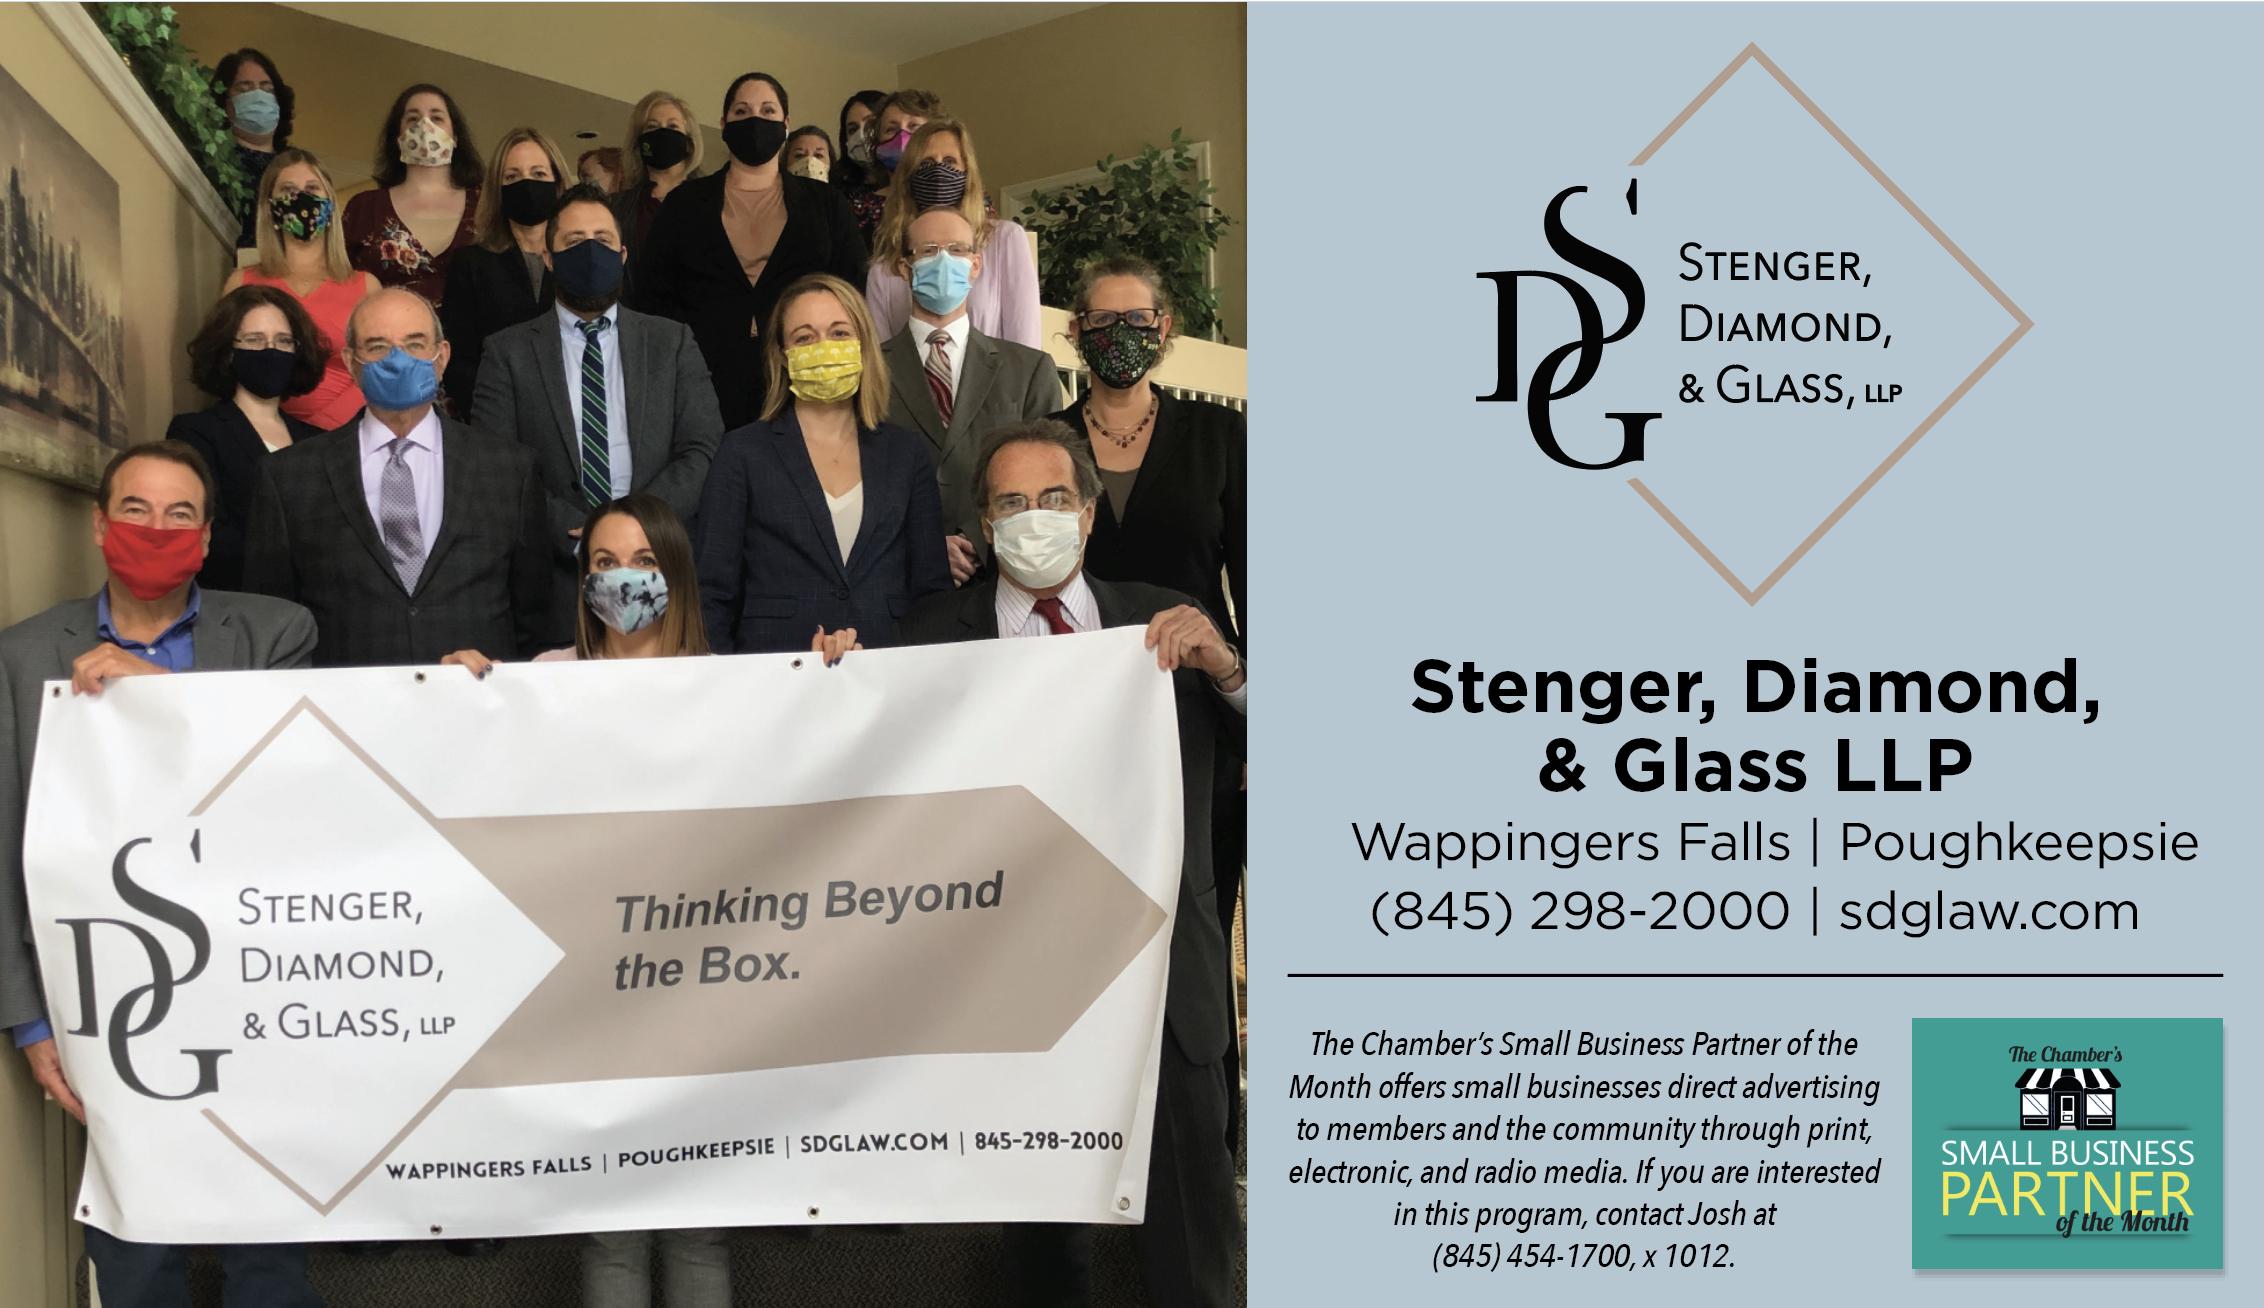 Stenger, Diamond, & Glass LLP